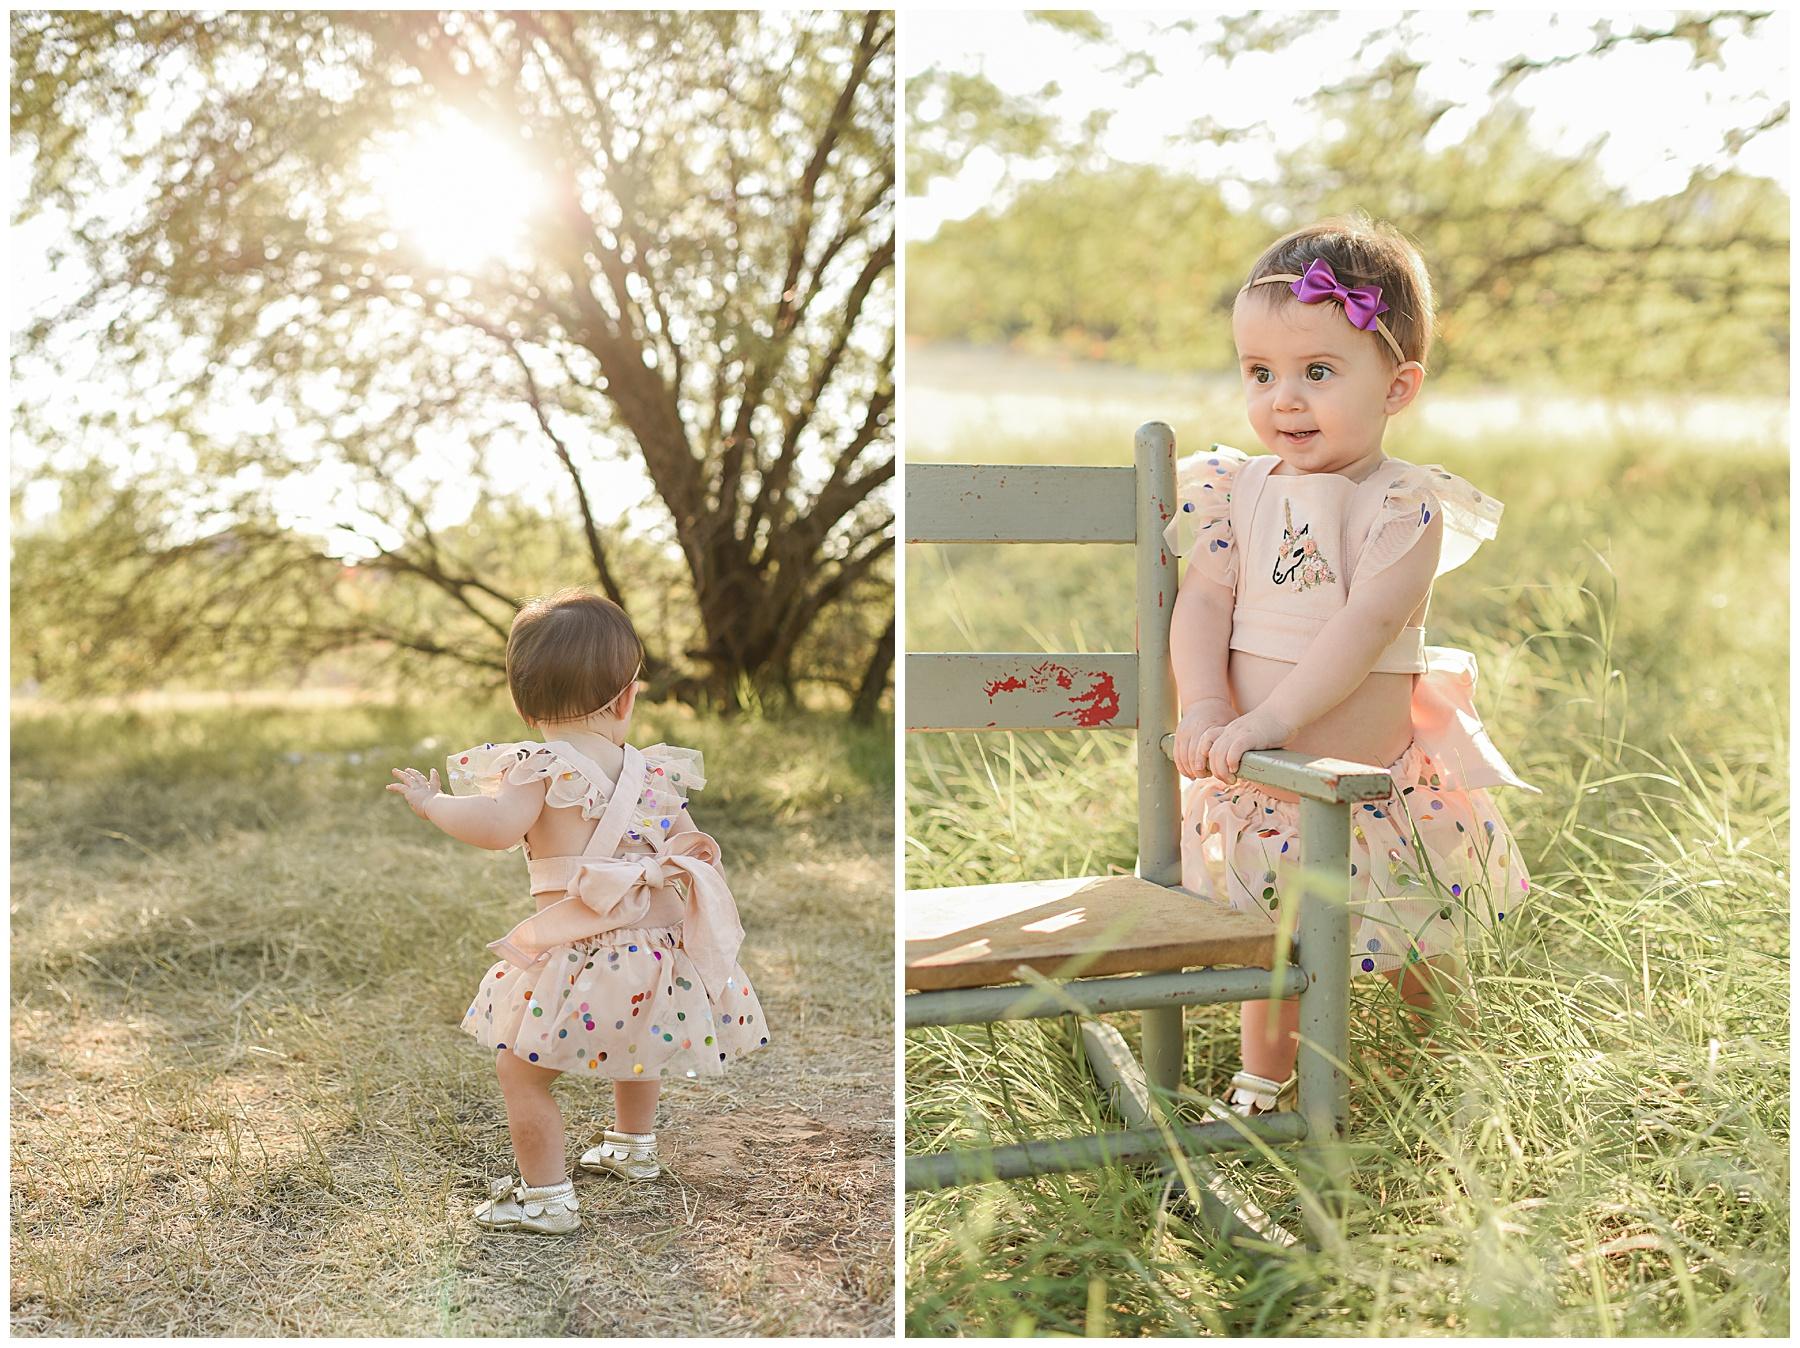 Phoenix Vintage Cake Smash Photographer | SweetLife Photography